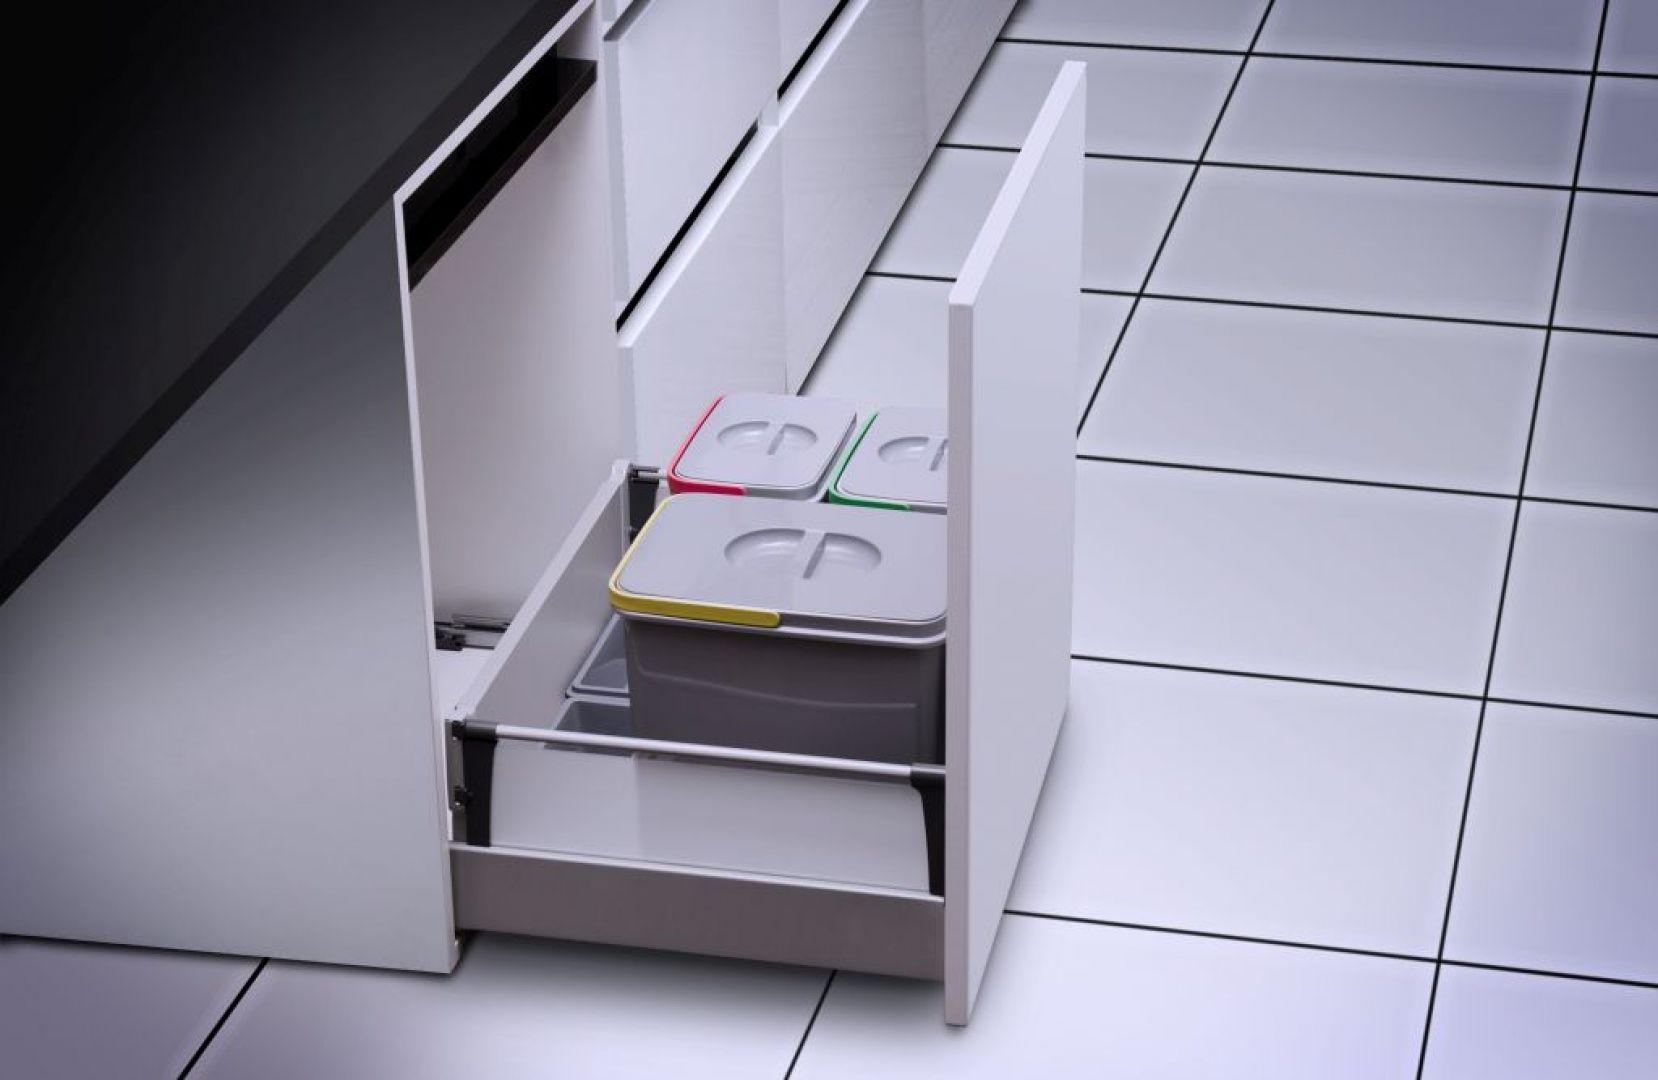 Segregator Multino firmy GTV to komplet czterech pojemników: 2 x 15 litrów i 2 x 7 litrów oraz trzy brytfanki do przechowywania środków czystości lub detergentów. Fot. GTV